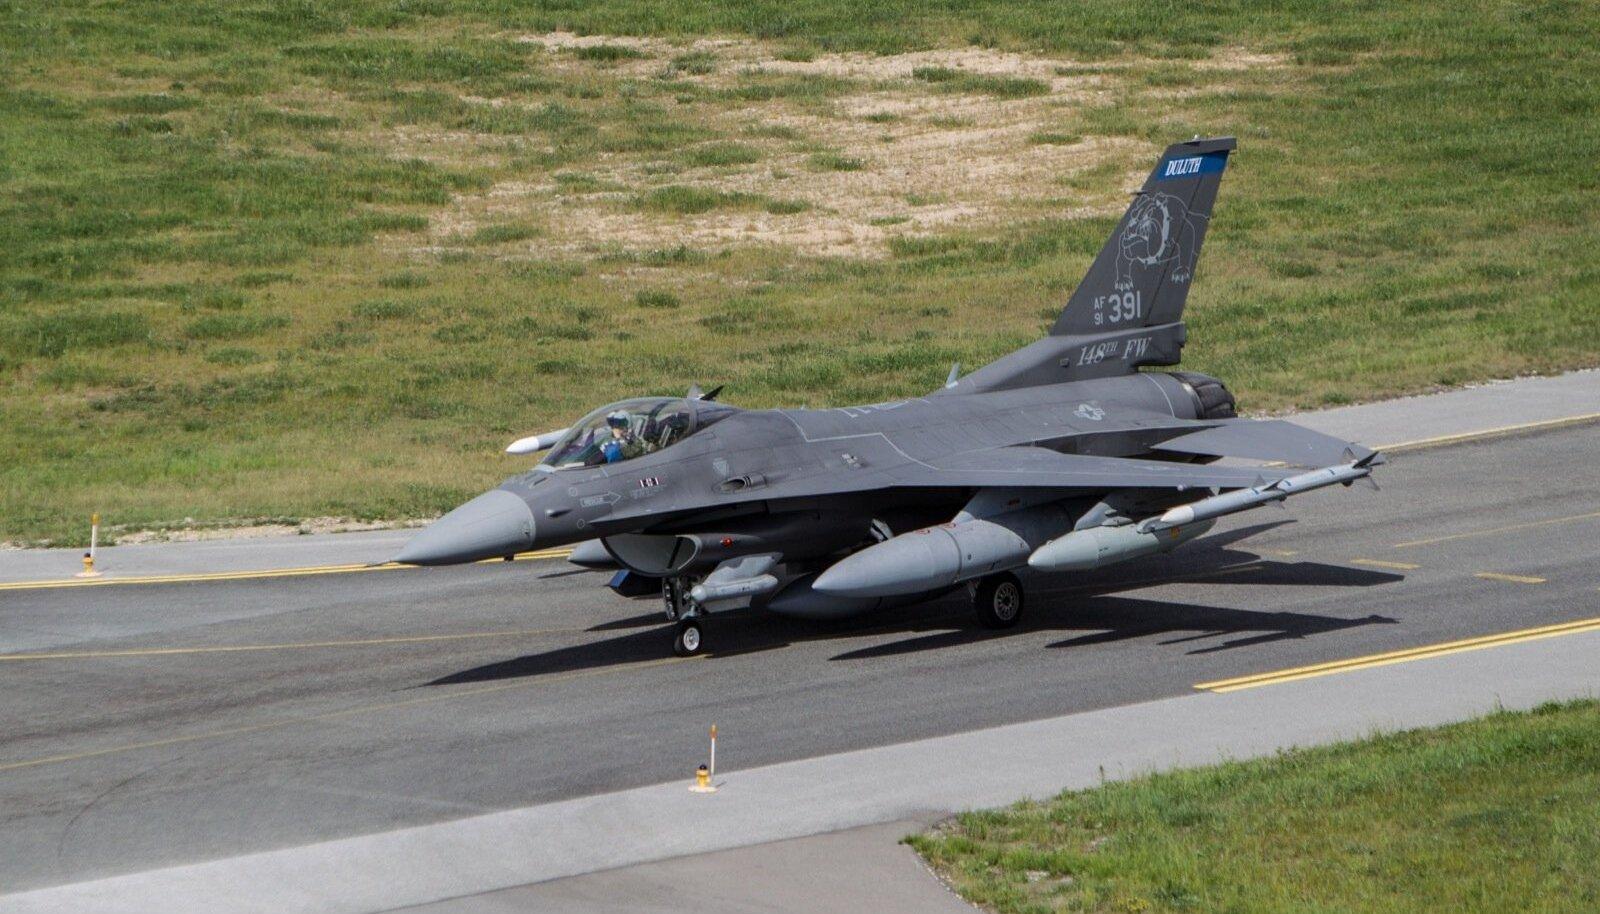 Koos Taani hävitajatega on Ämari lennubaasis 25 hävitajat